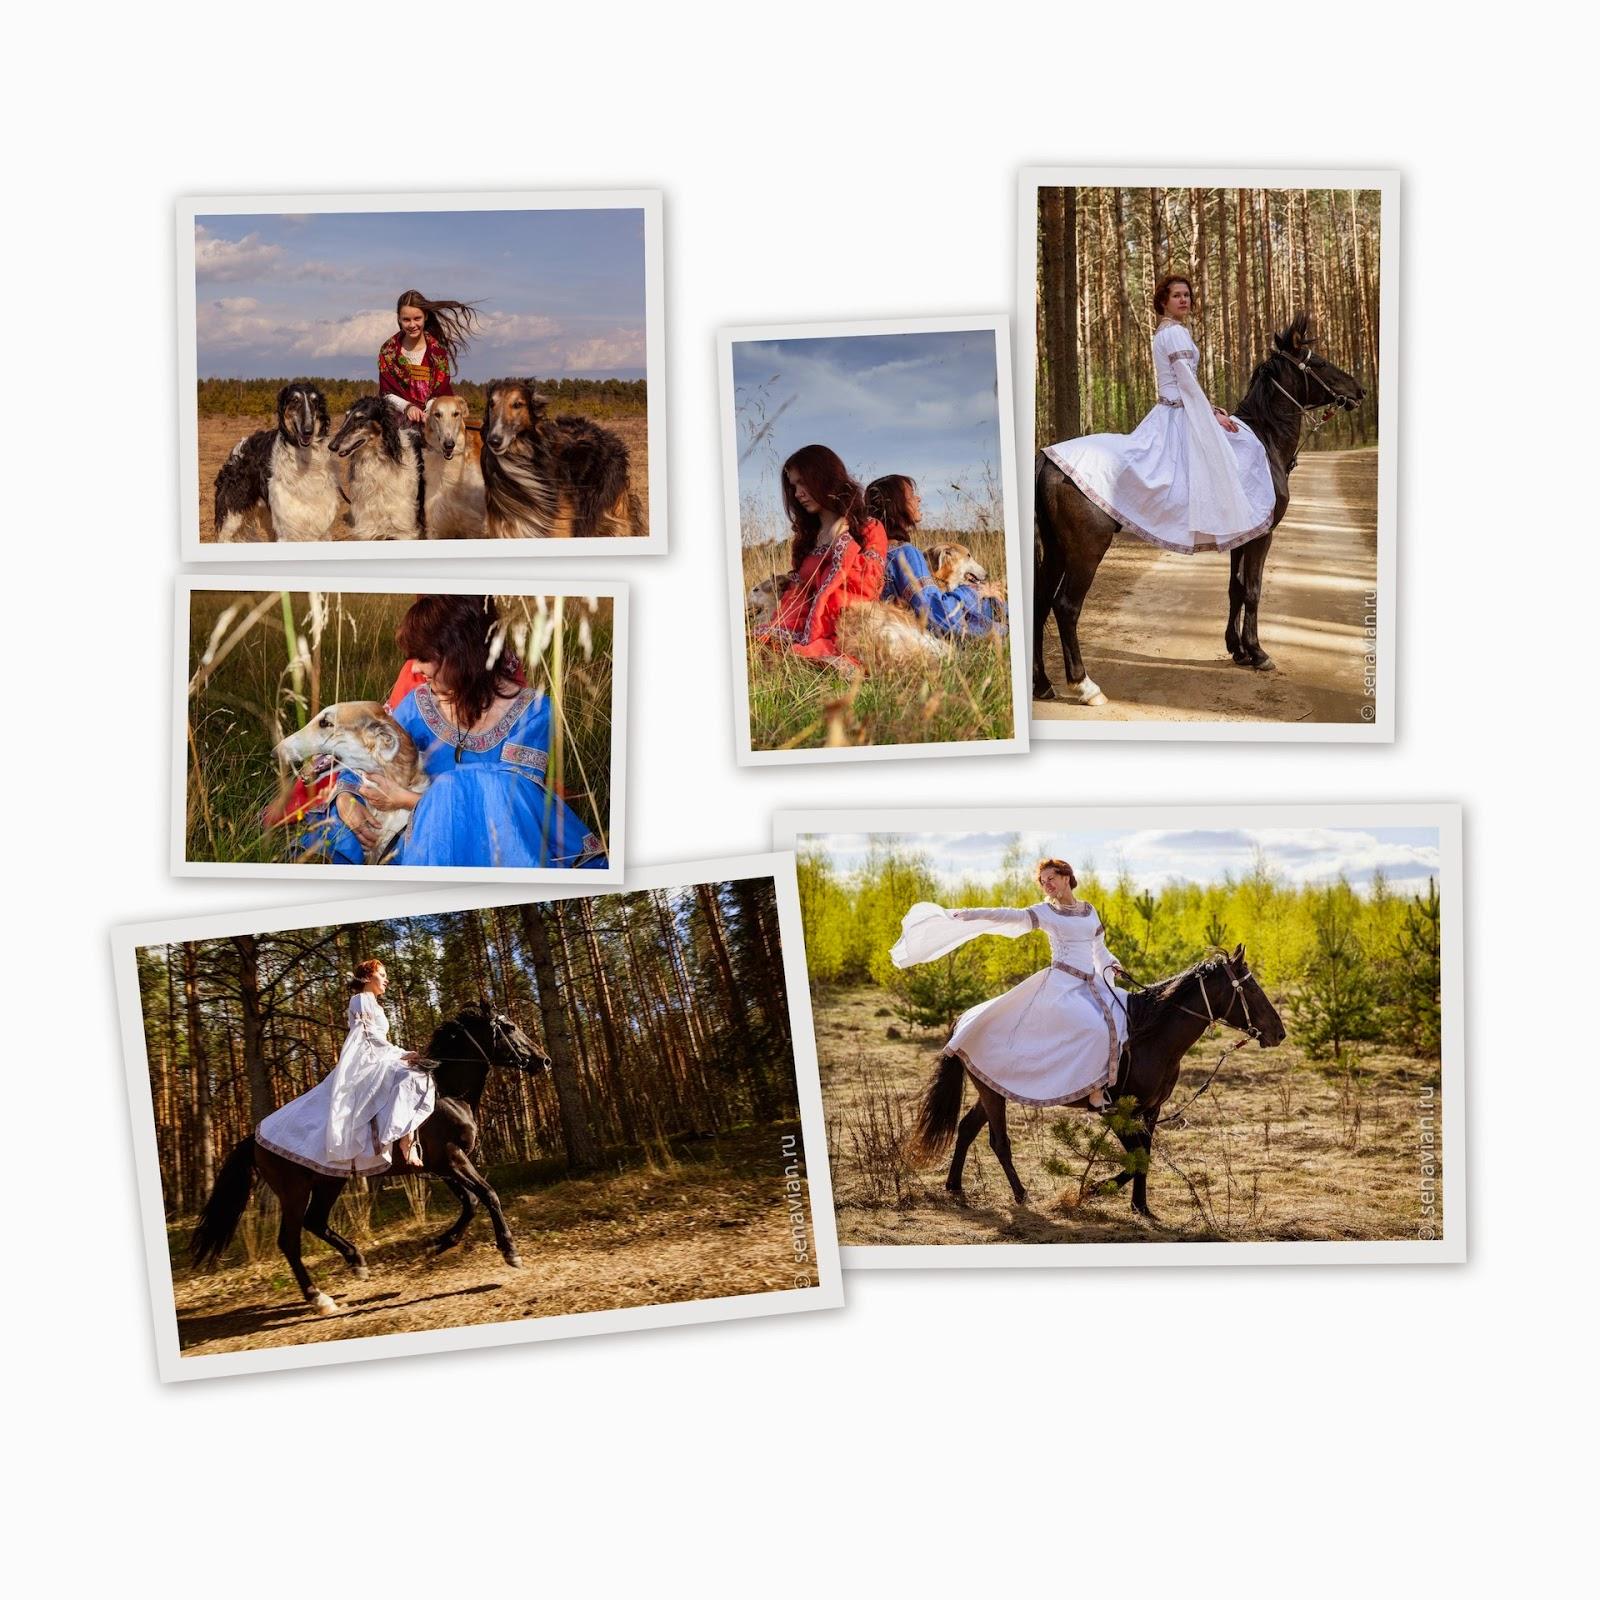 Конные прогулки и фотосессии с лошадьми и борзыми